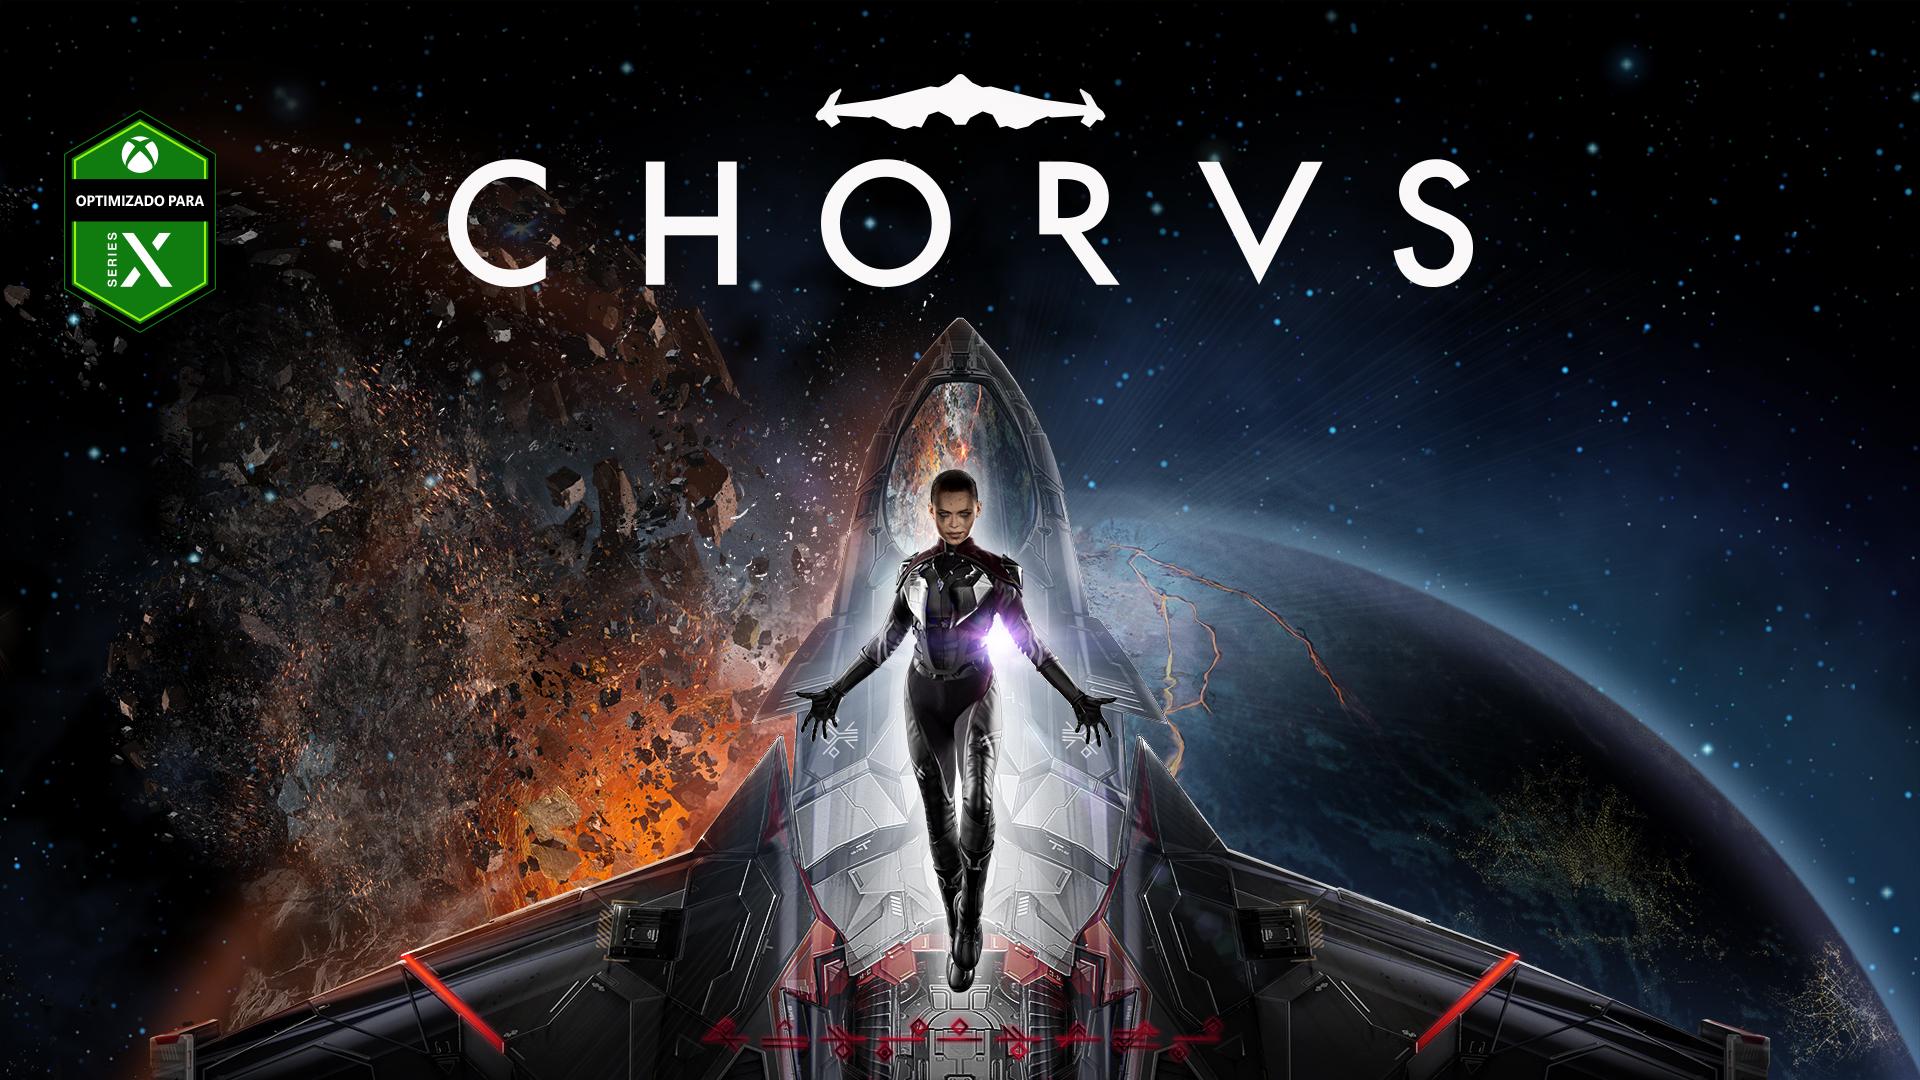 Arte promocional del juego Chorus.